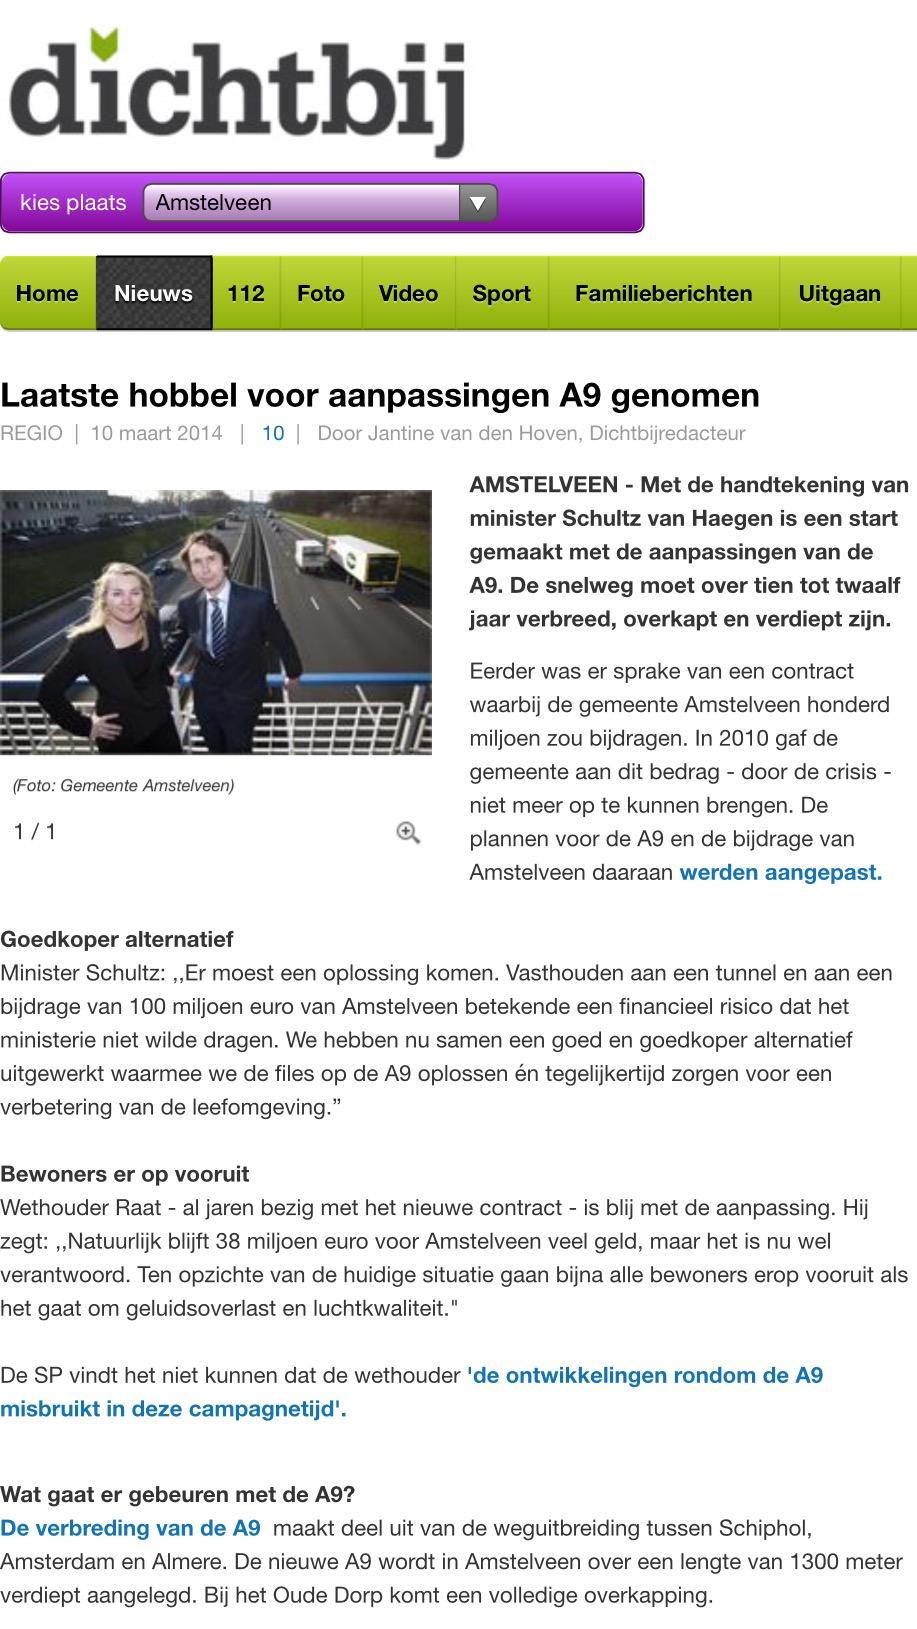 2014-10-3 AmstelveenDichtbij: Wethouder Herbert Raat en minister Melanie Schultz